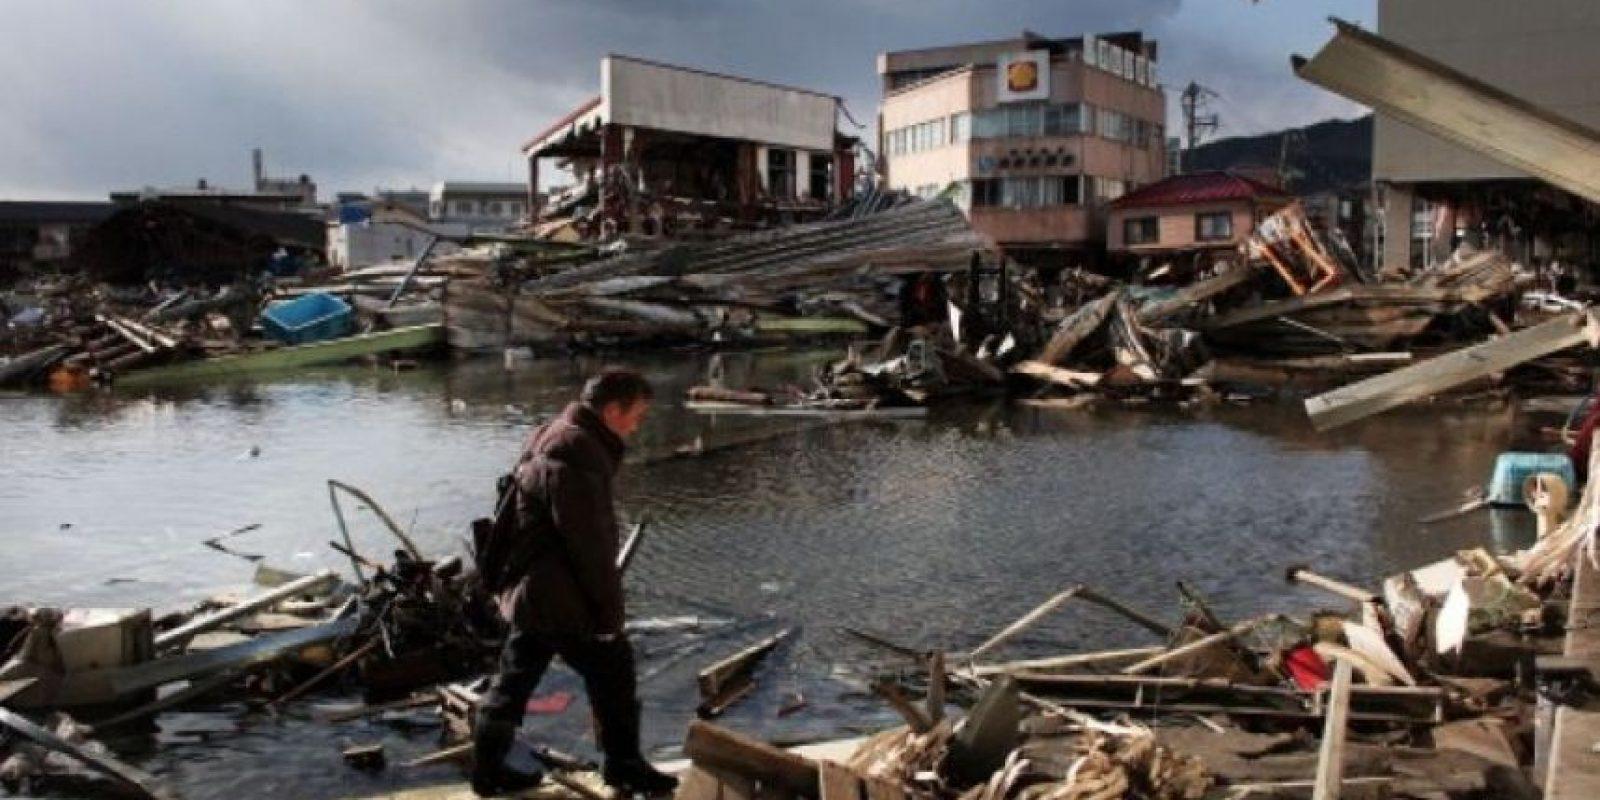 9. 11 de marzo de 2011, Japón: El tsunami causó la fusión de tres reactores de la planta nuclear de Fukushima. Foto:Getty Images